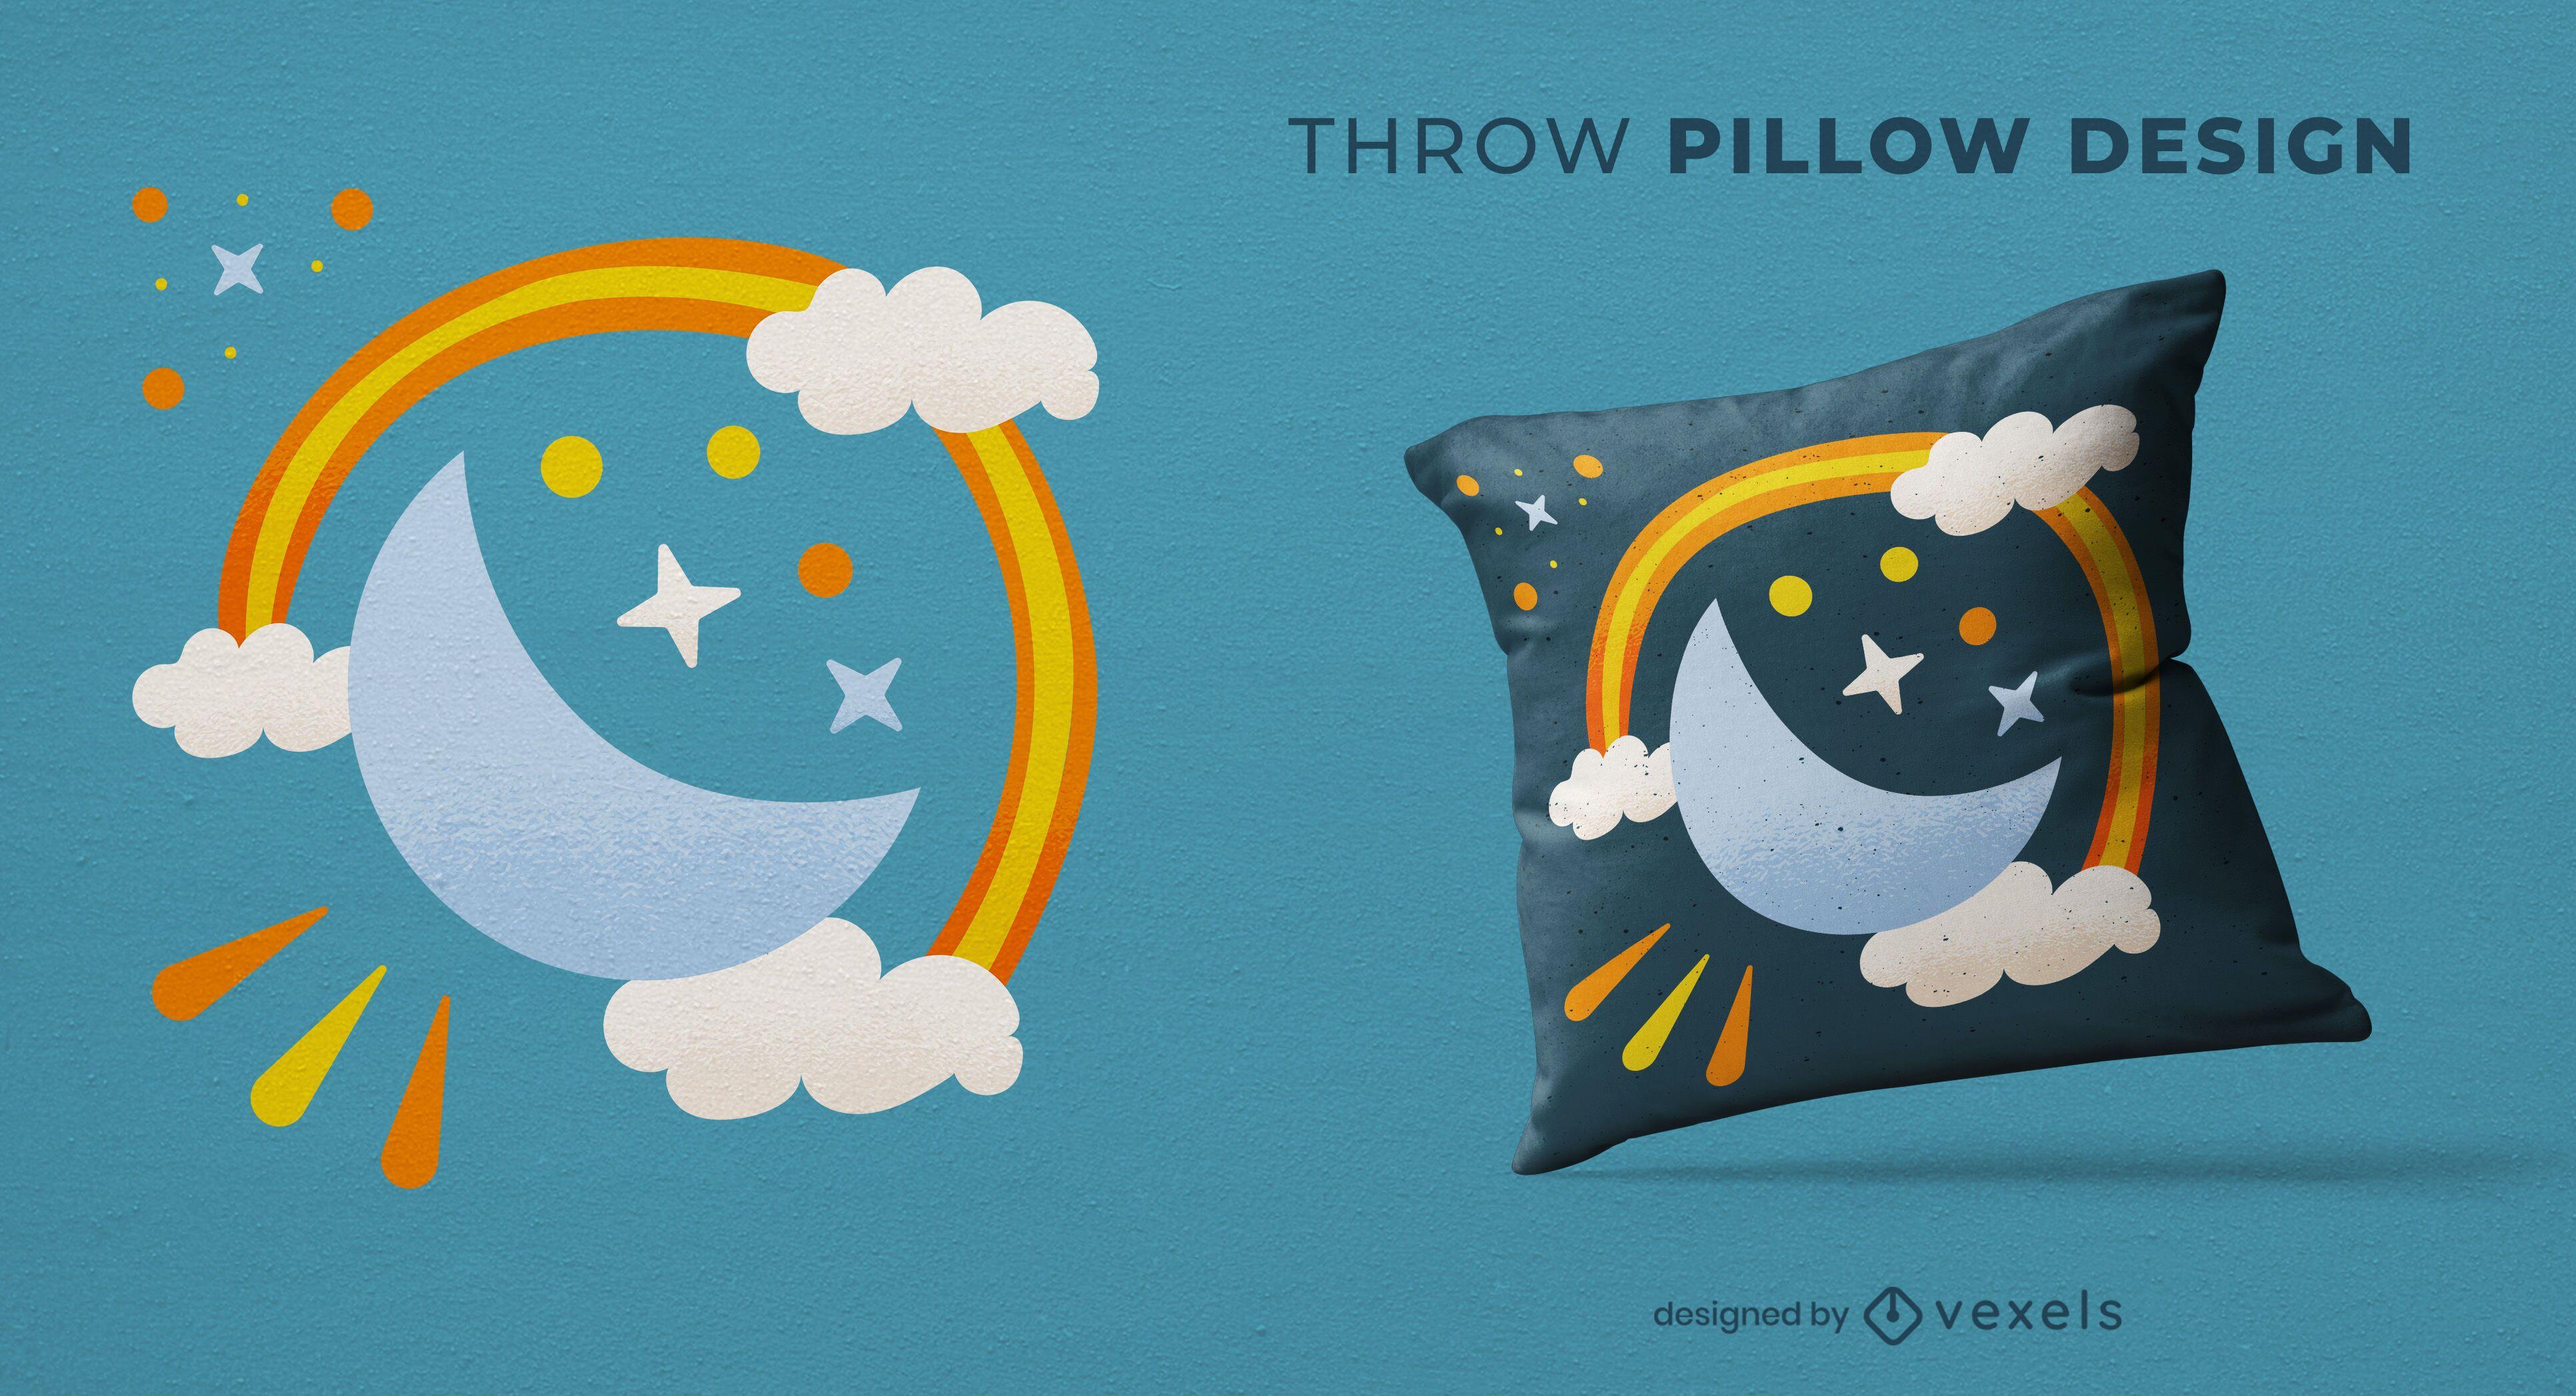 Diseño de almohada de tiro de luna y arco iris.